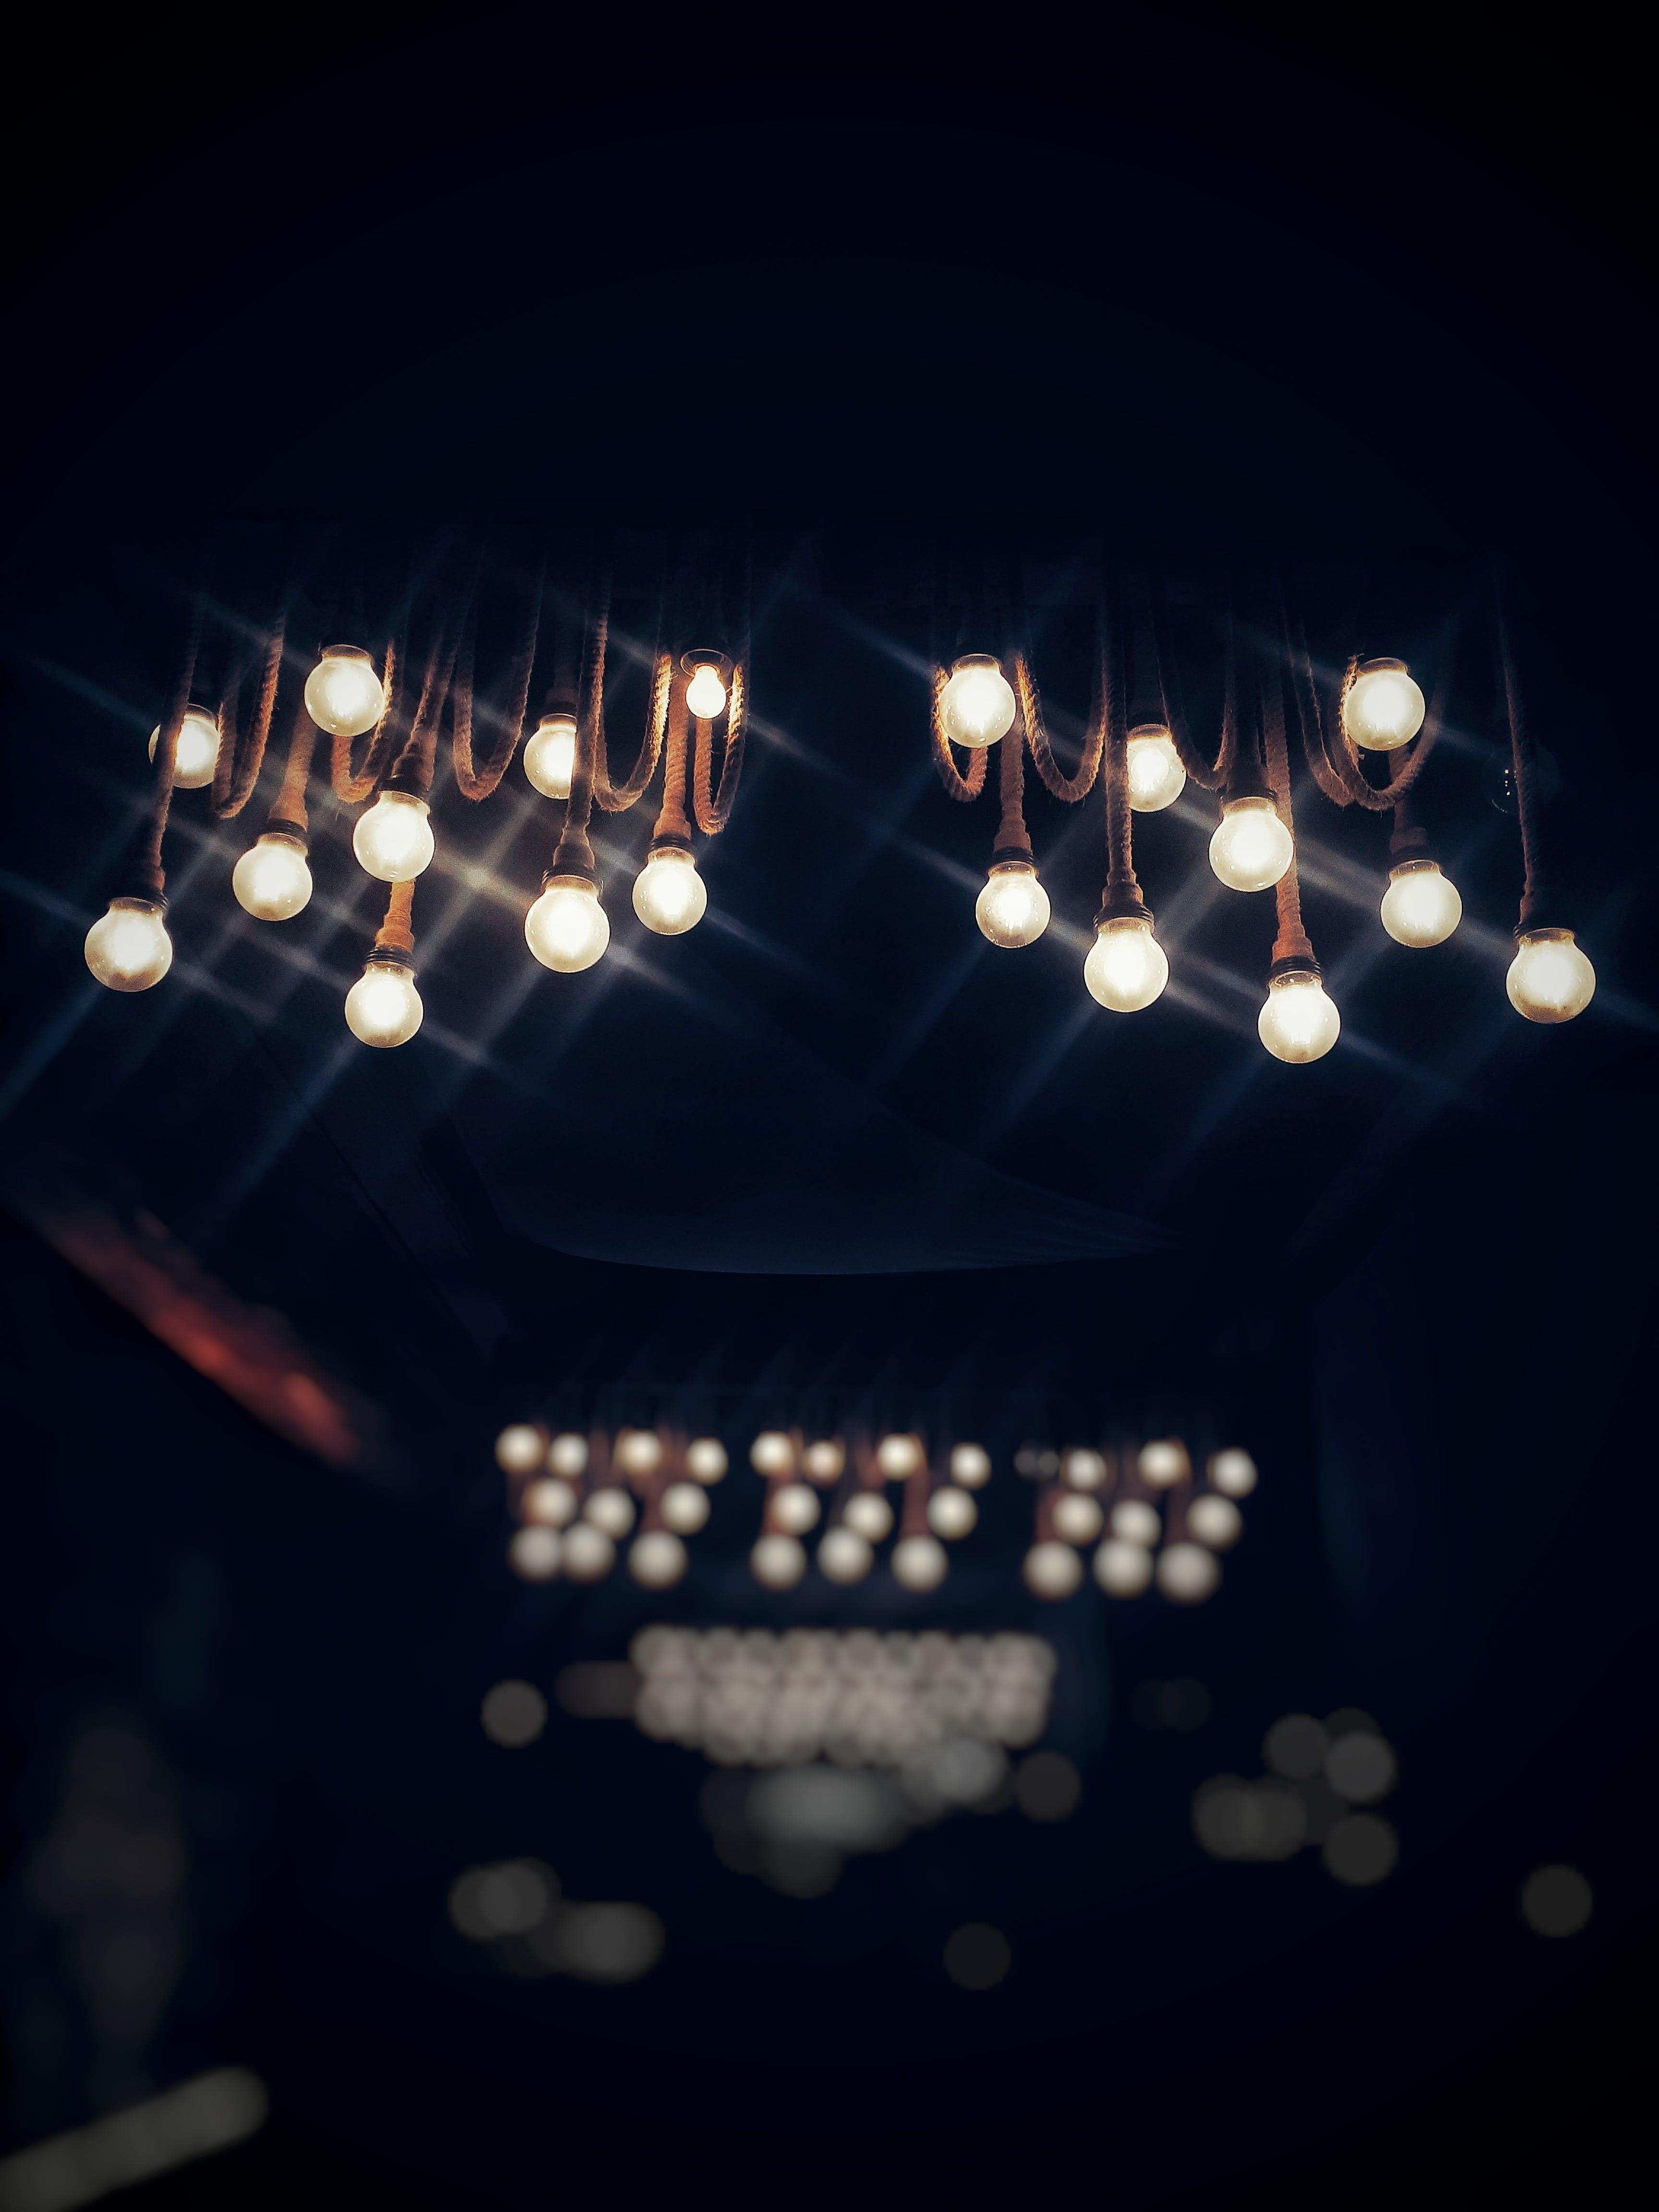 Lighted Bulbs